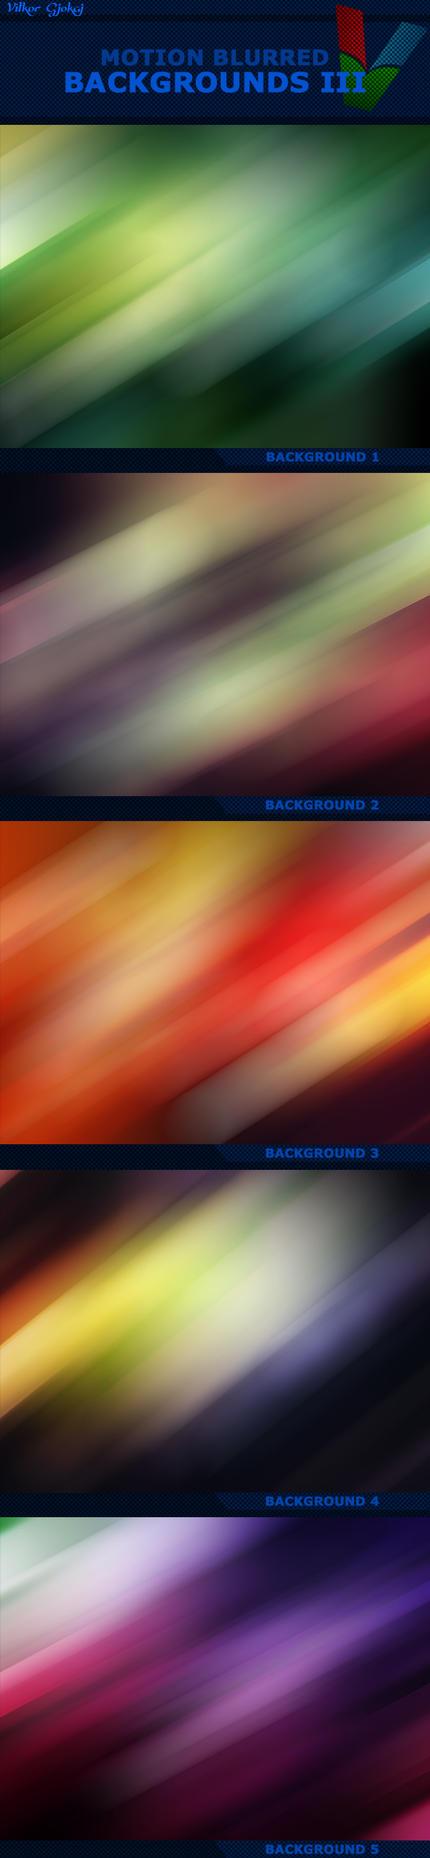 Motion Blurred Backgrounds III by ViktorGjokaj